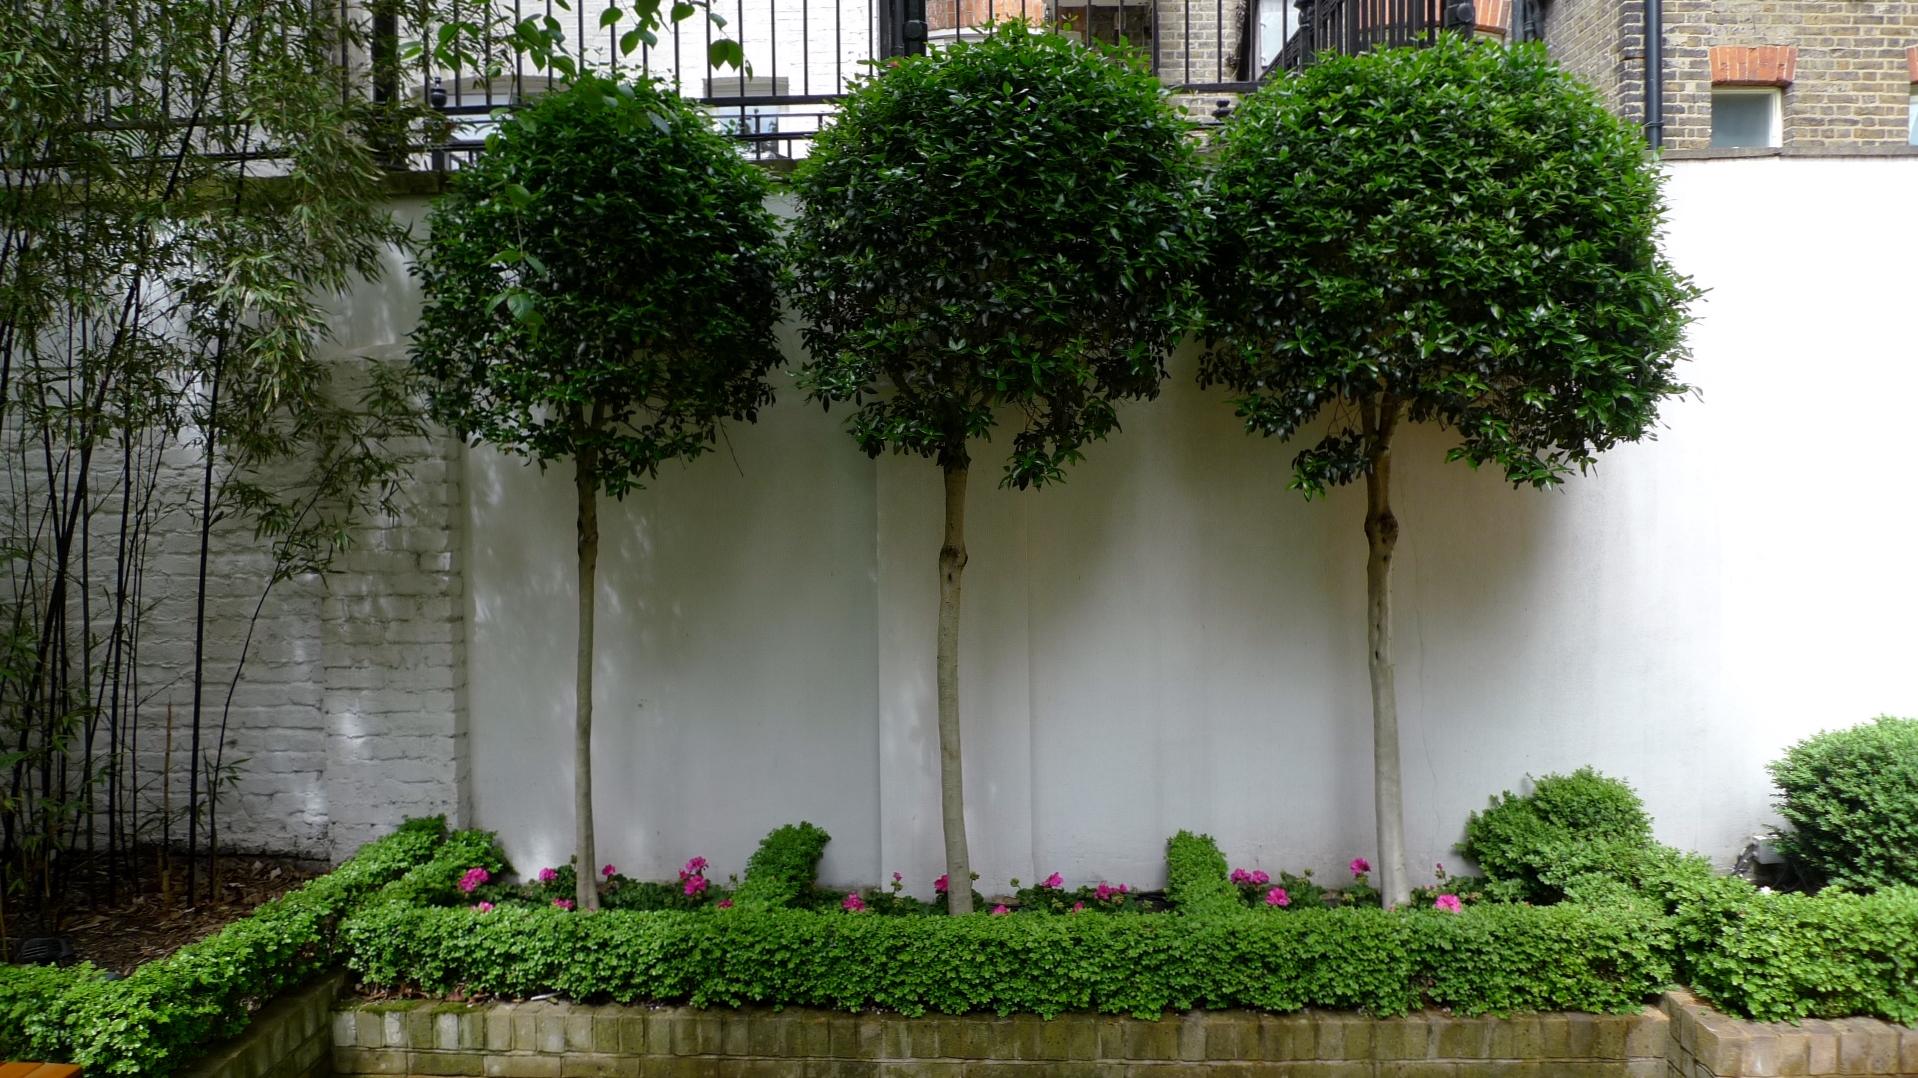 clapham garden design